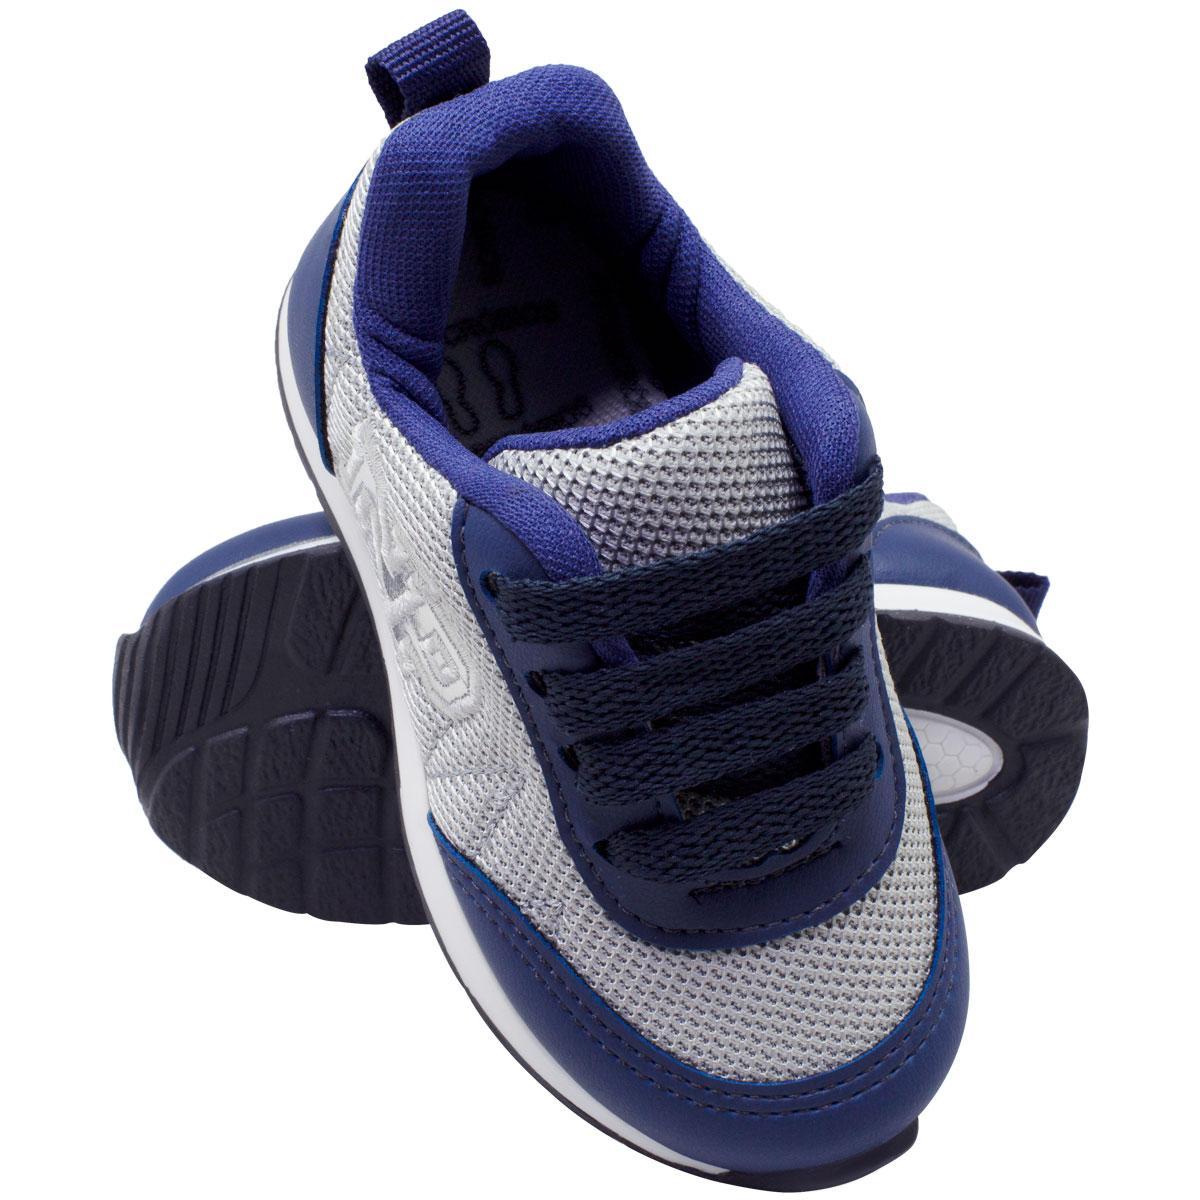 Tênis infantil masculino jogging c/biqueira 152-07-03